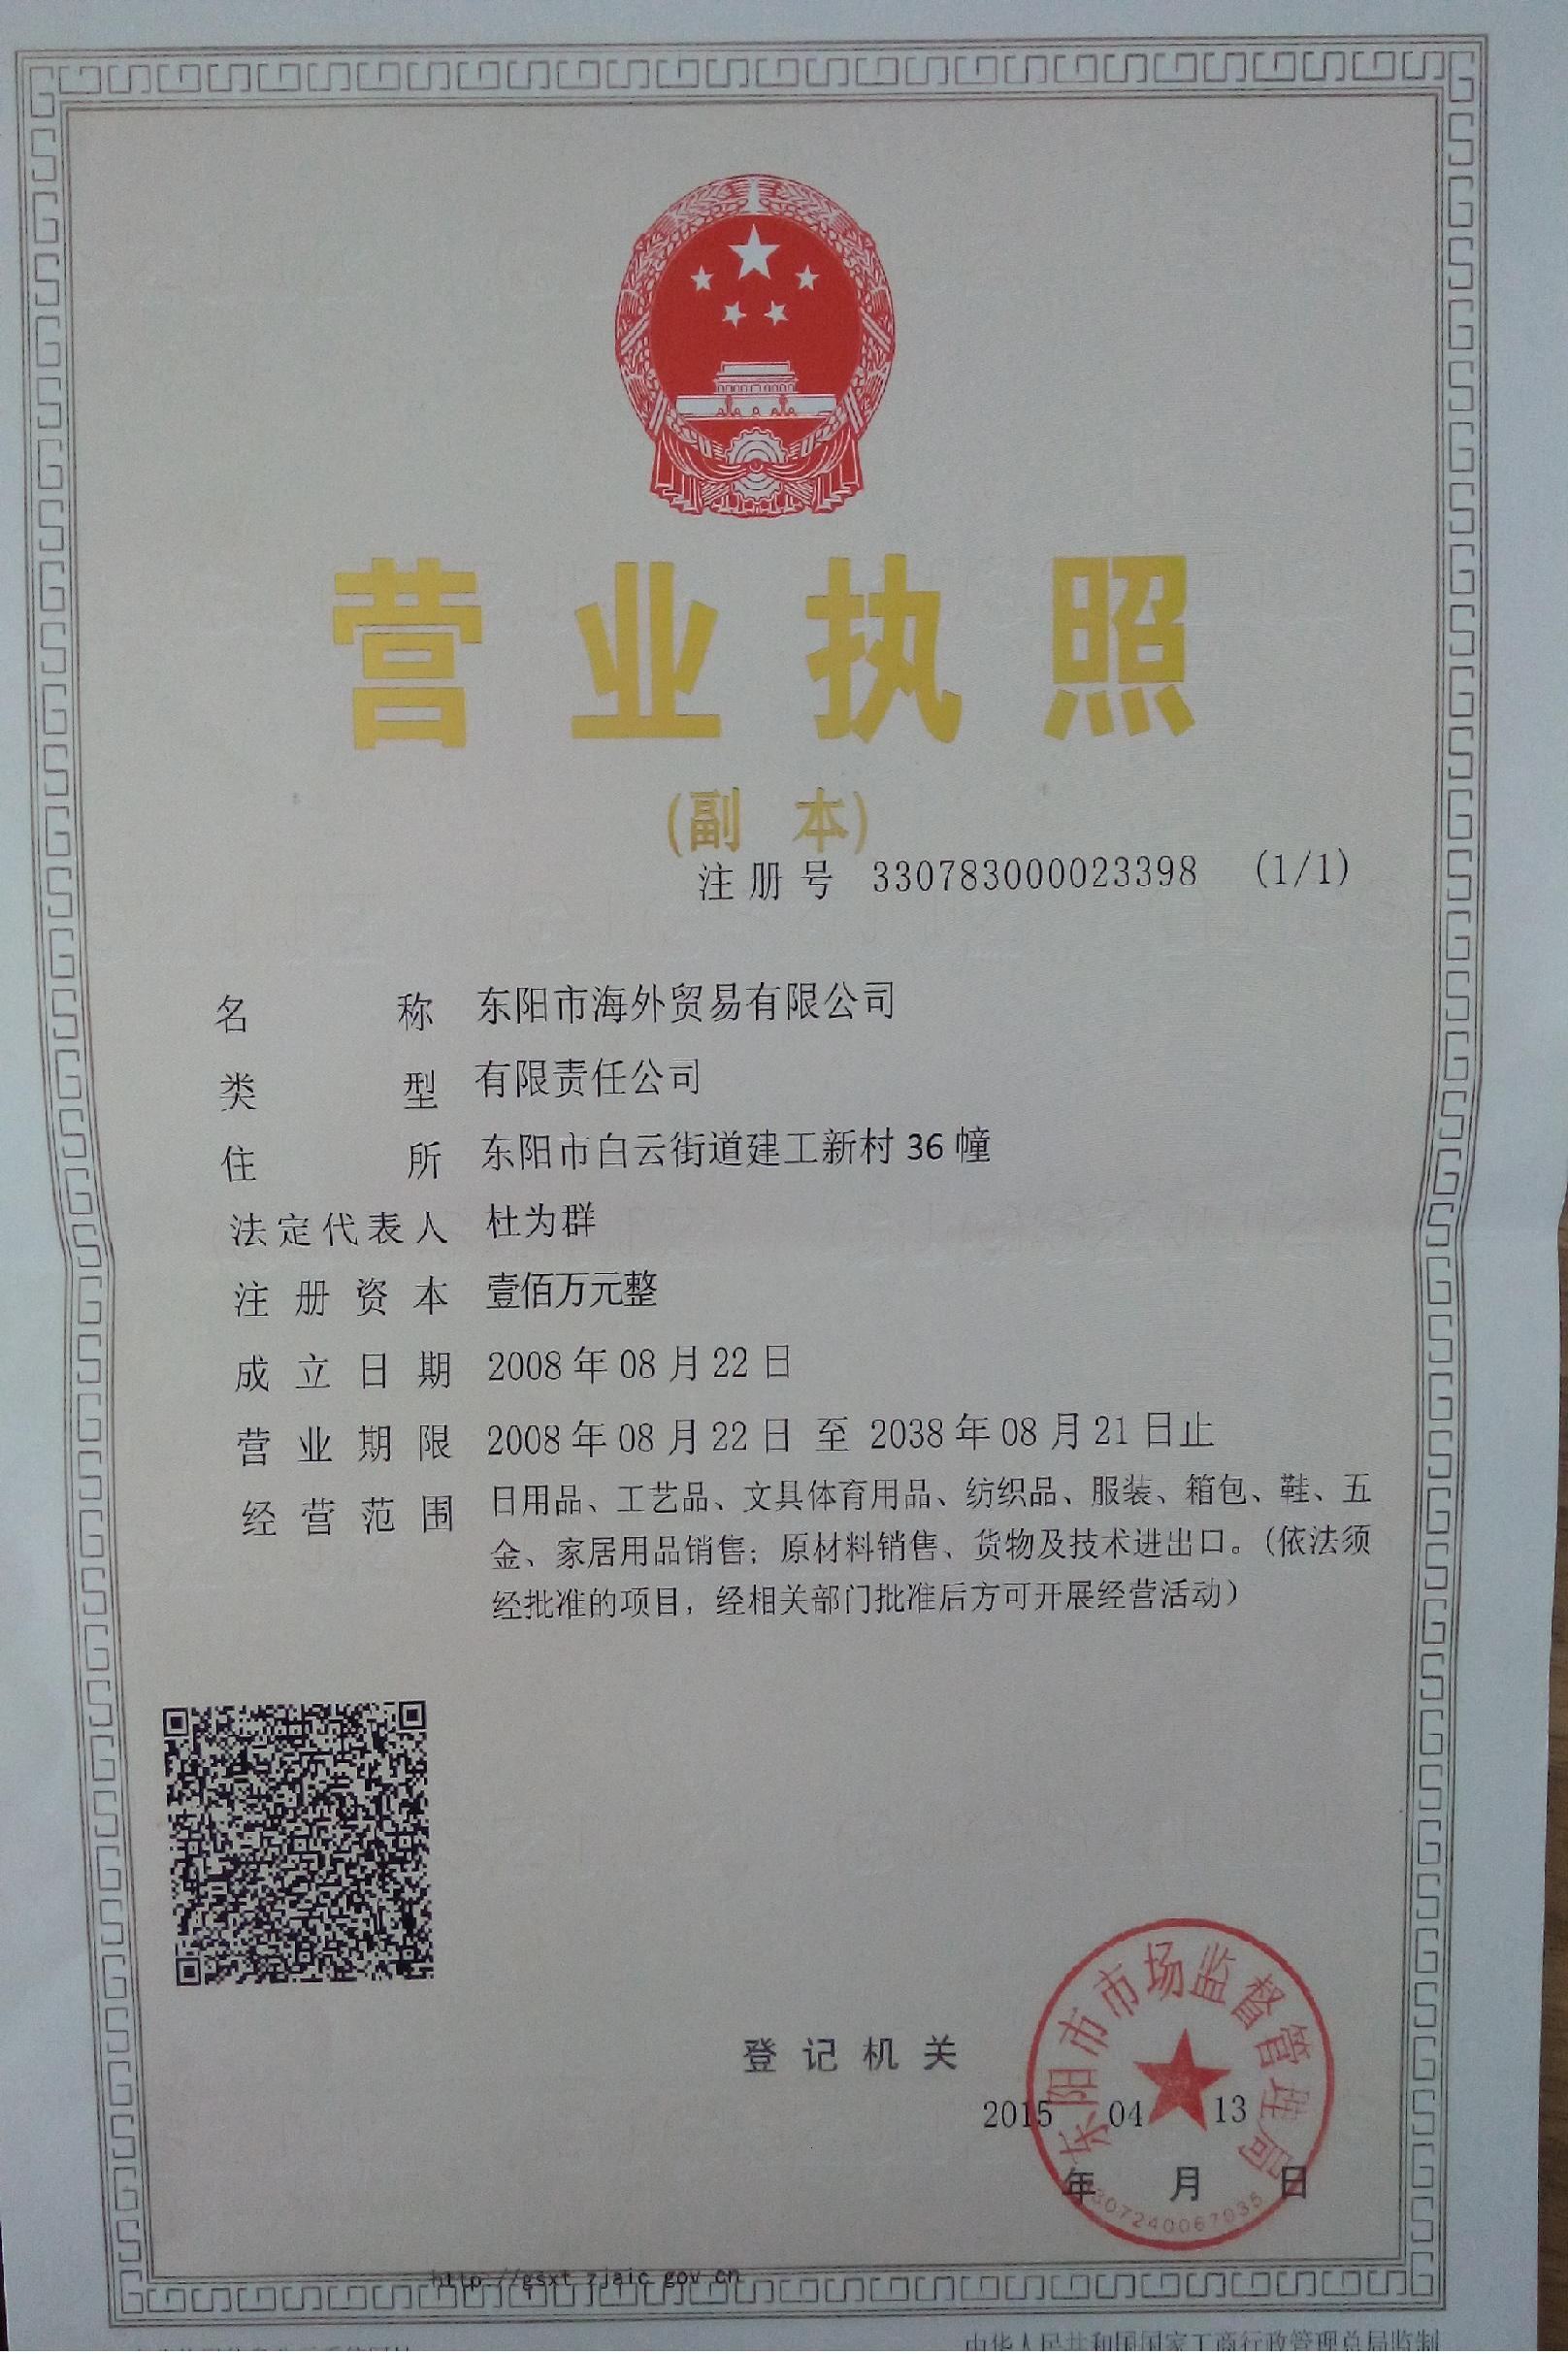 东阳海外贸易有限公司企业档案